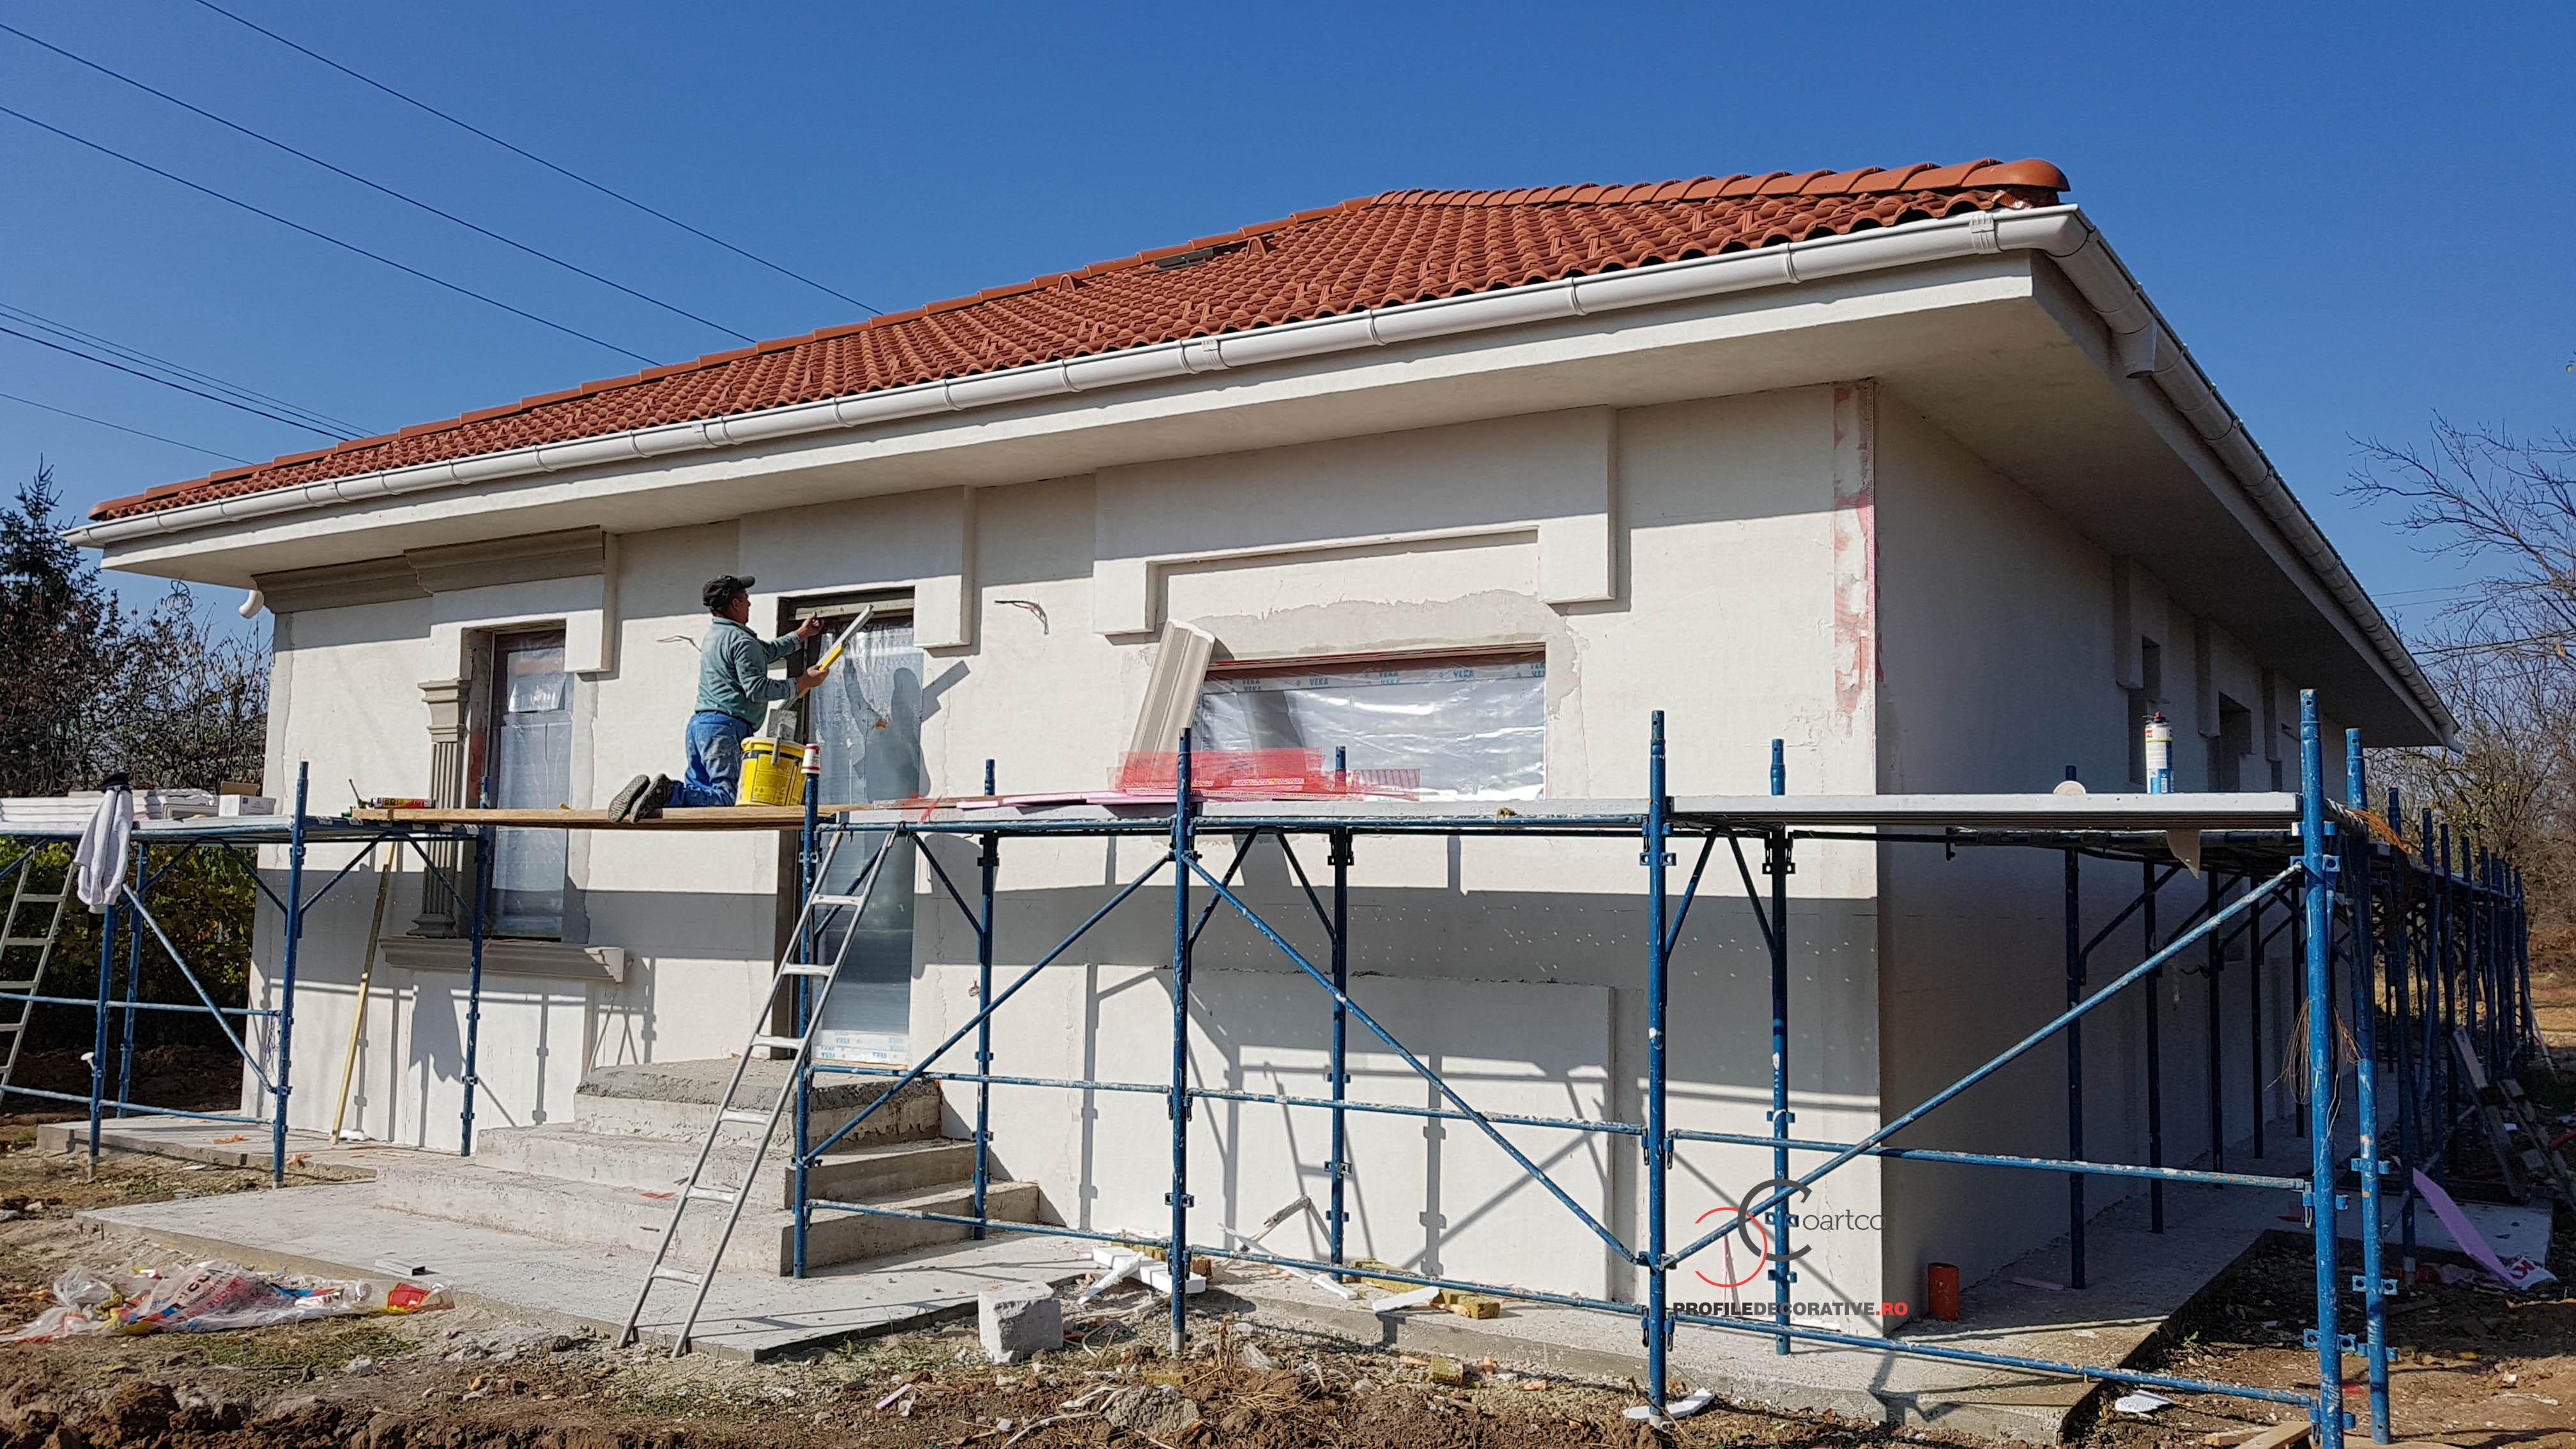 firma constructii montaj profile decorative din polistiren coartco